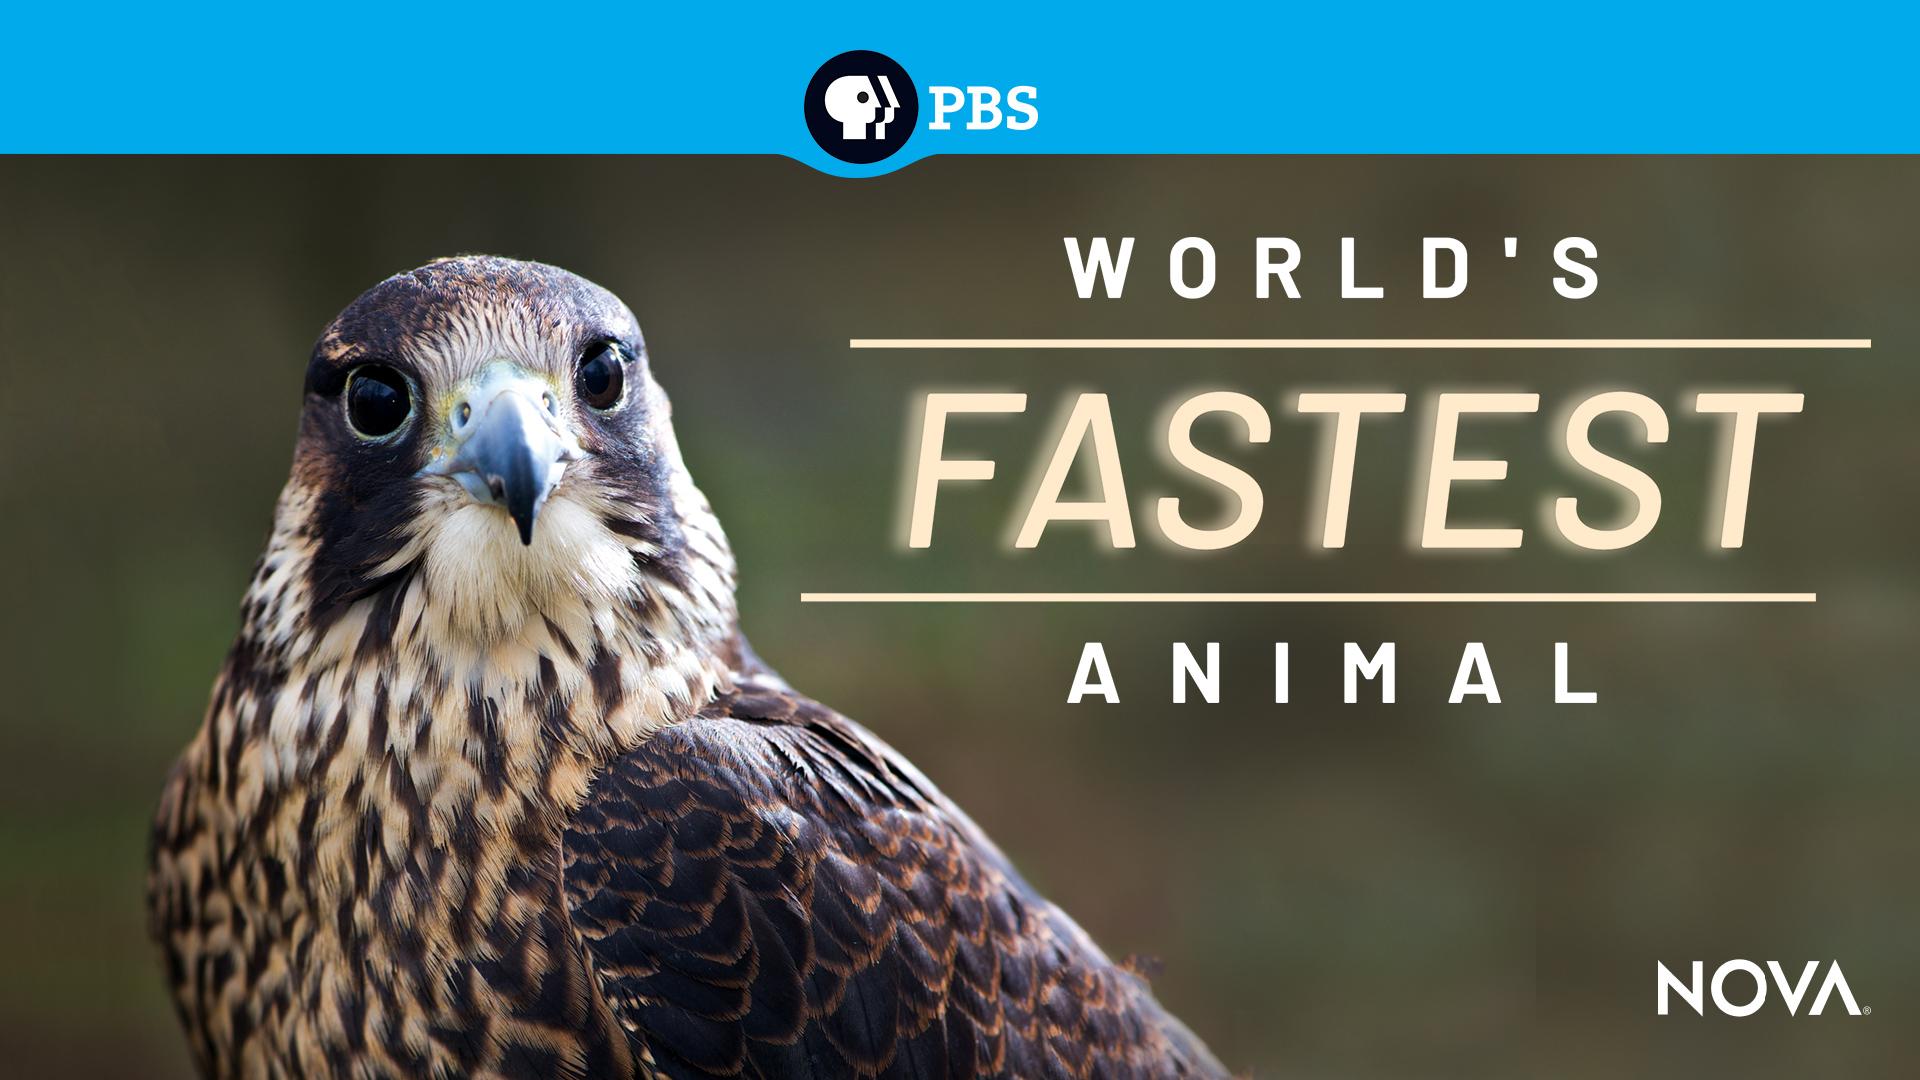 NOVA: Worlds Fastest Animal